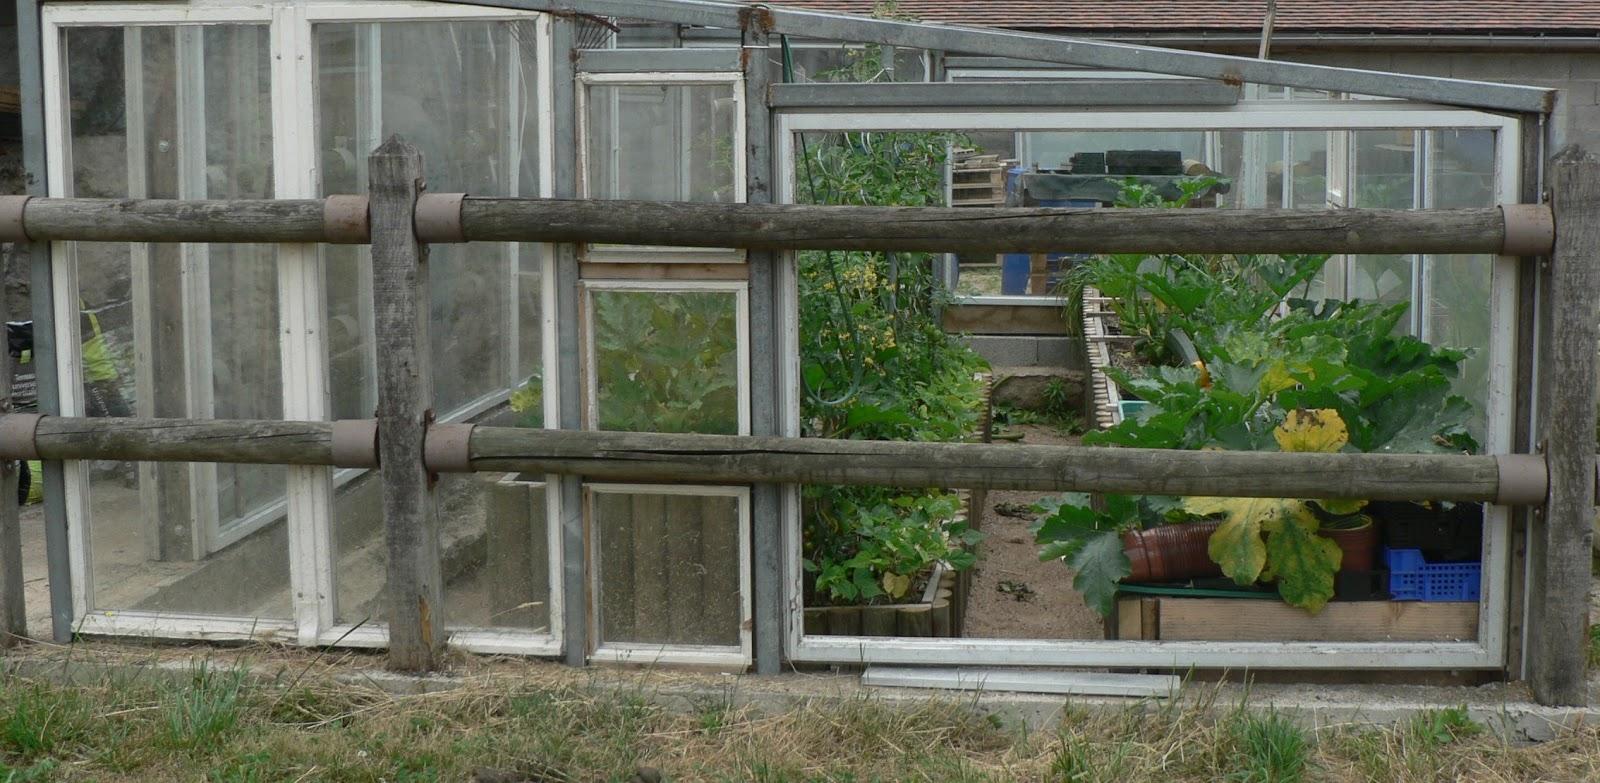 Malone 03 allier bourbonnais maison et jardin jardin sous serre et paillage - Serre de jardin maison nancy ...